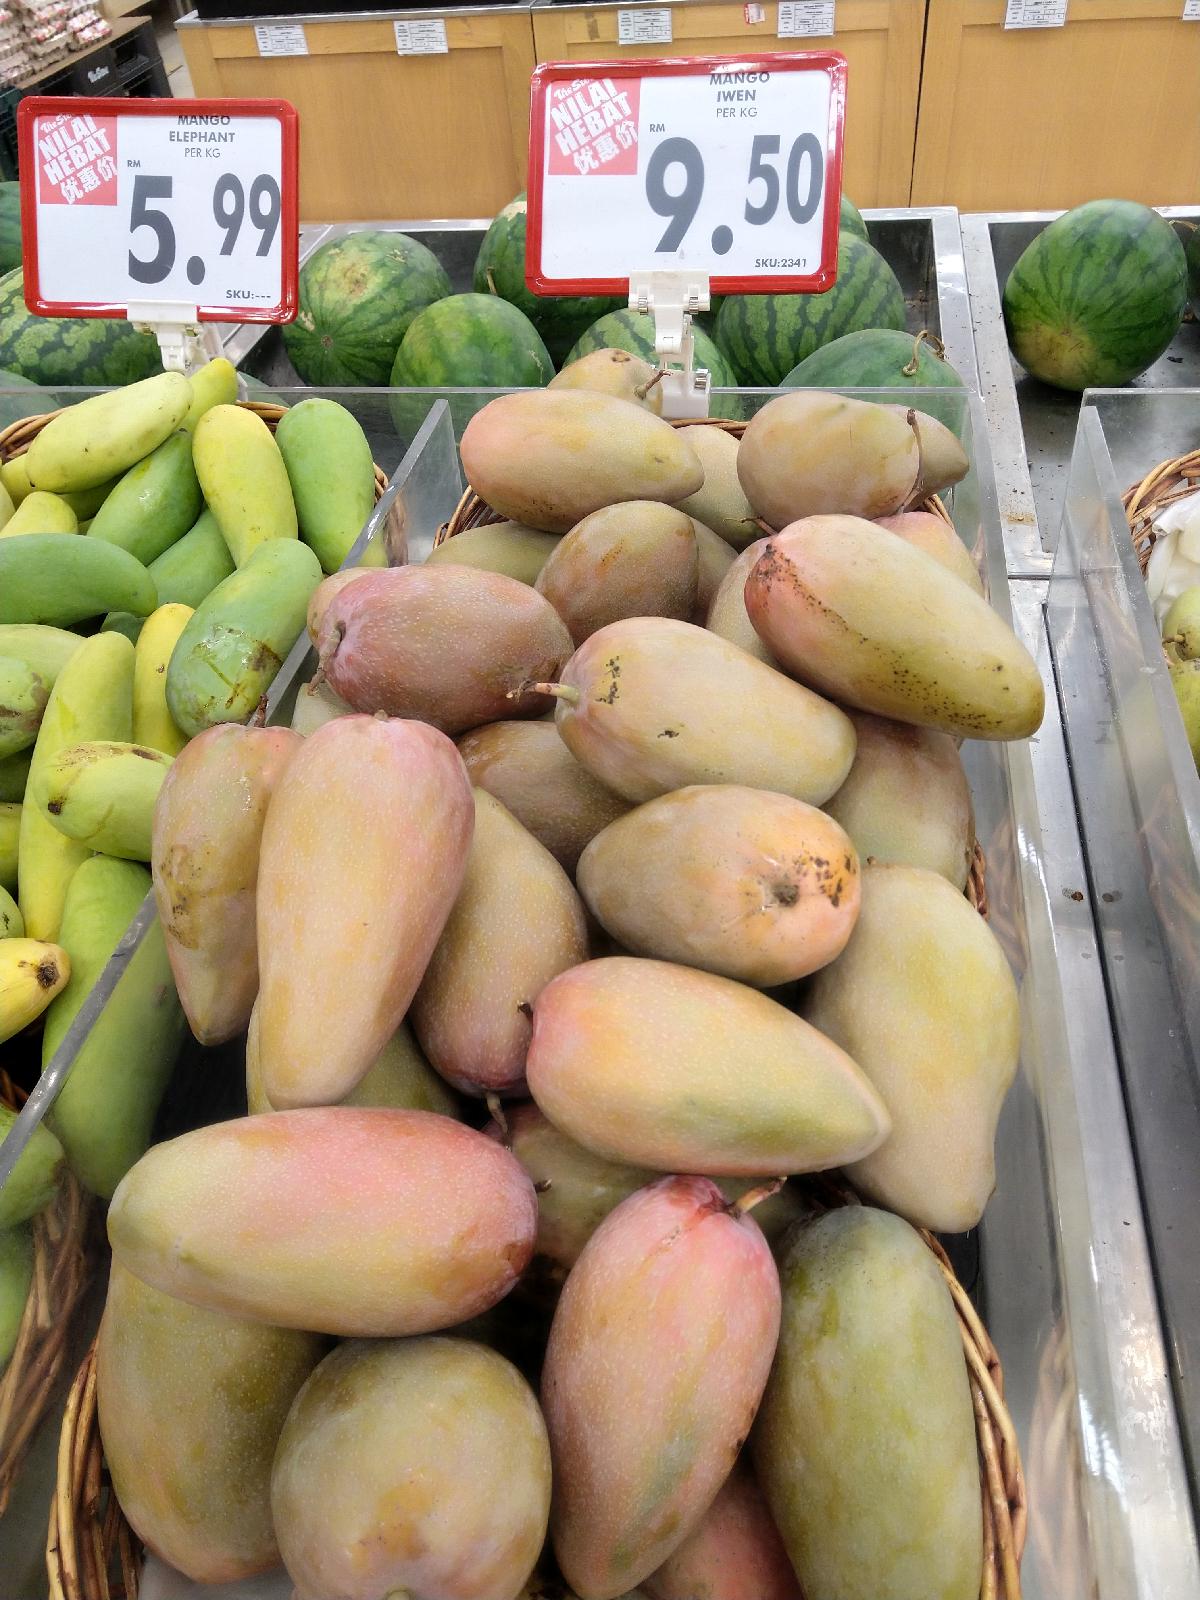 Mango-Iwen